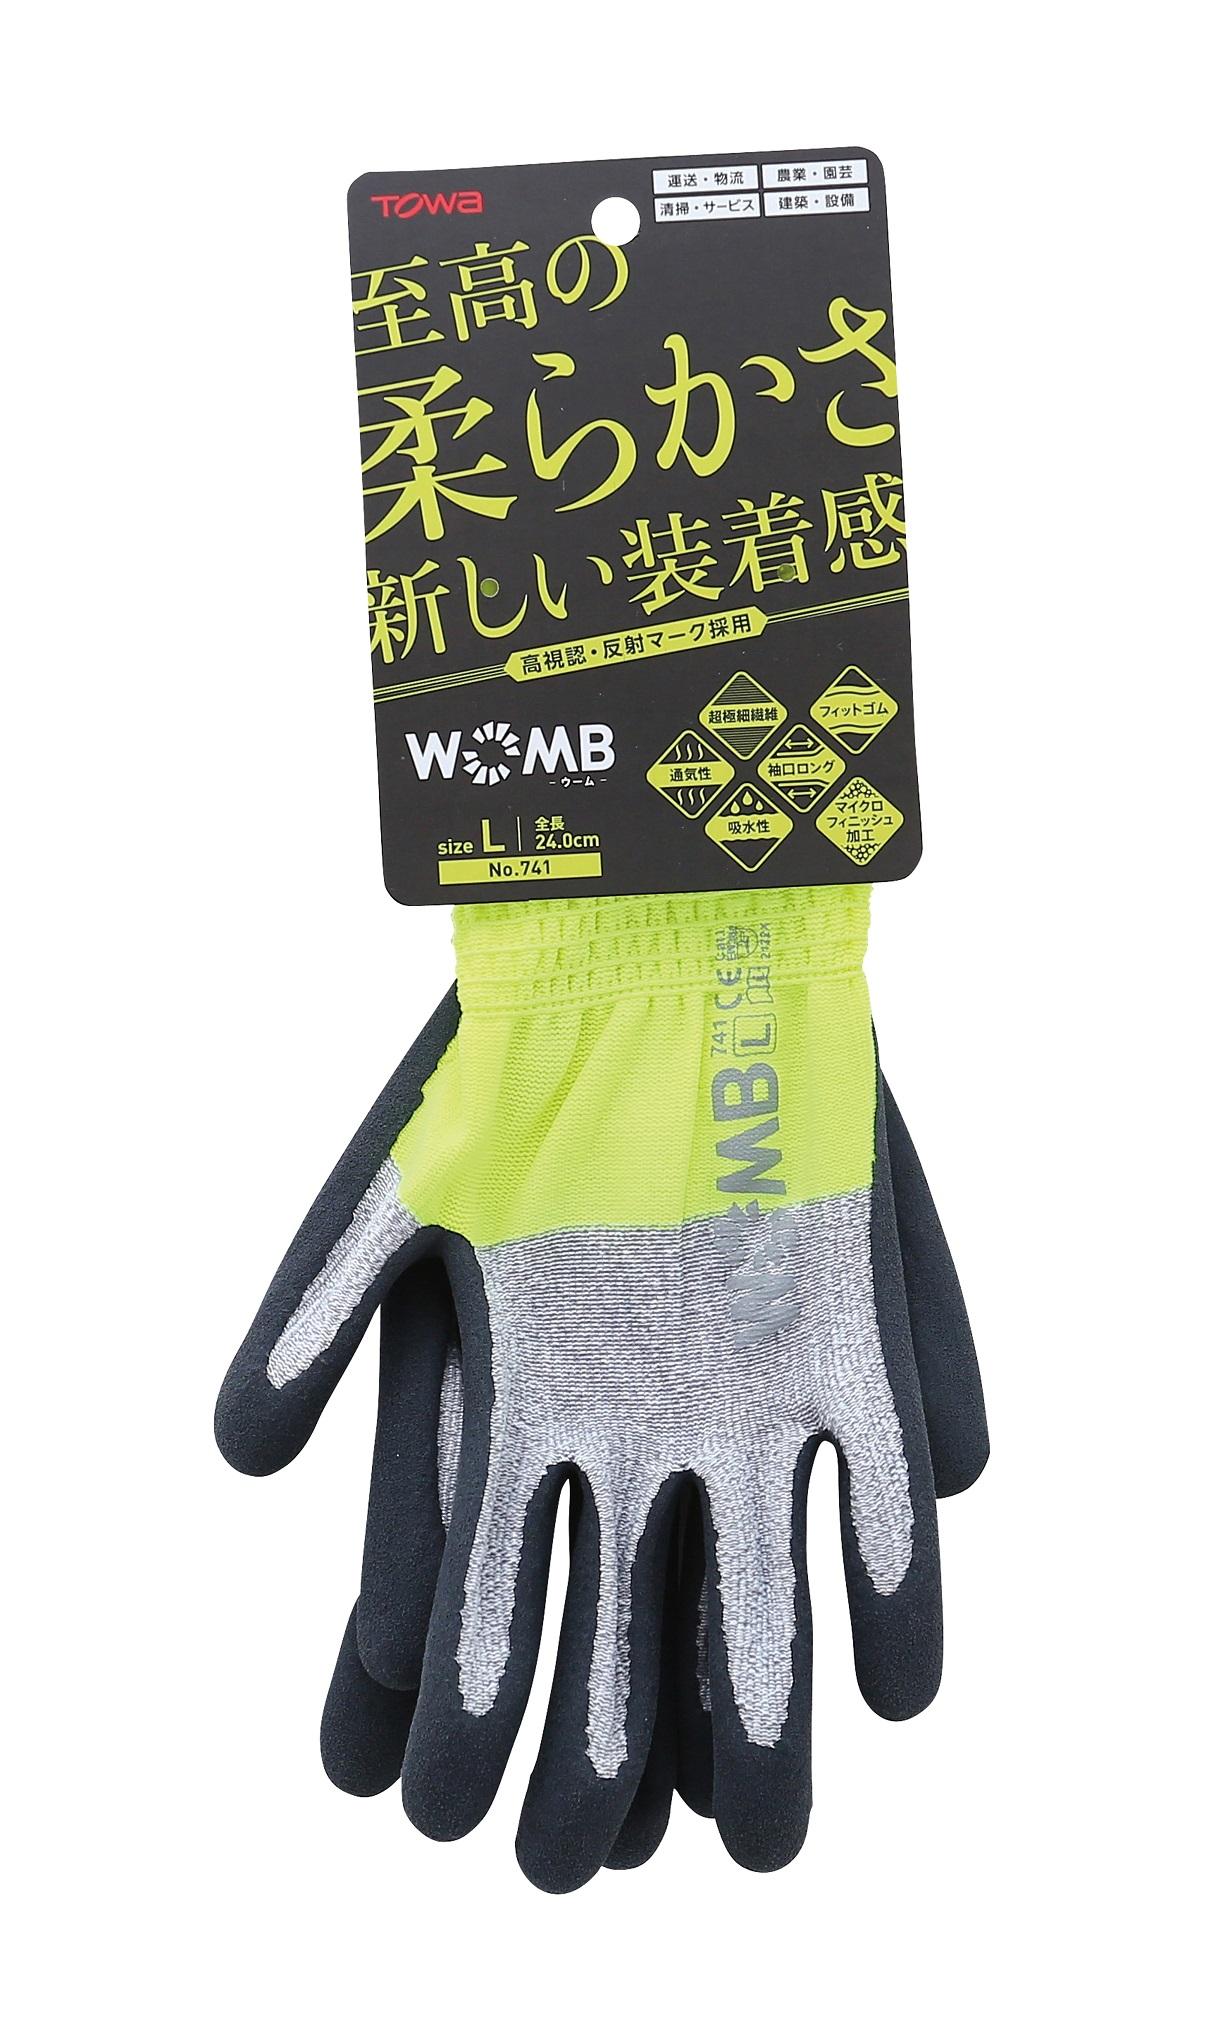 WOMB-MF2 高視認